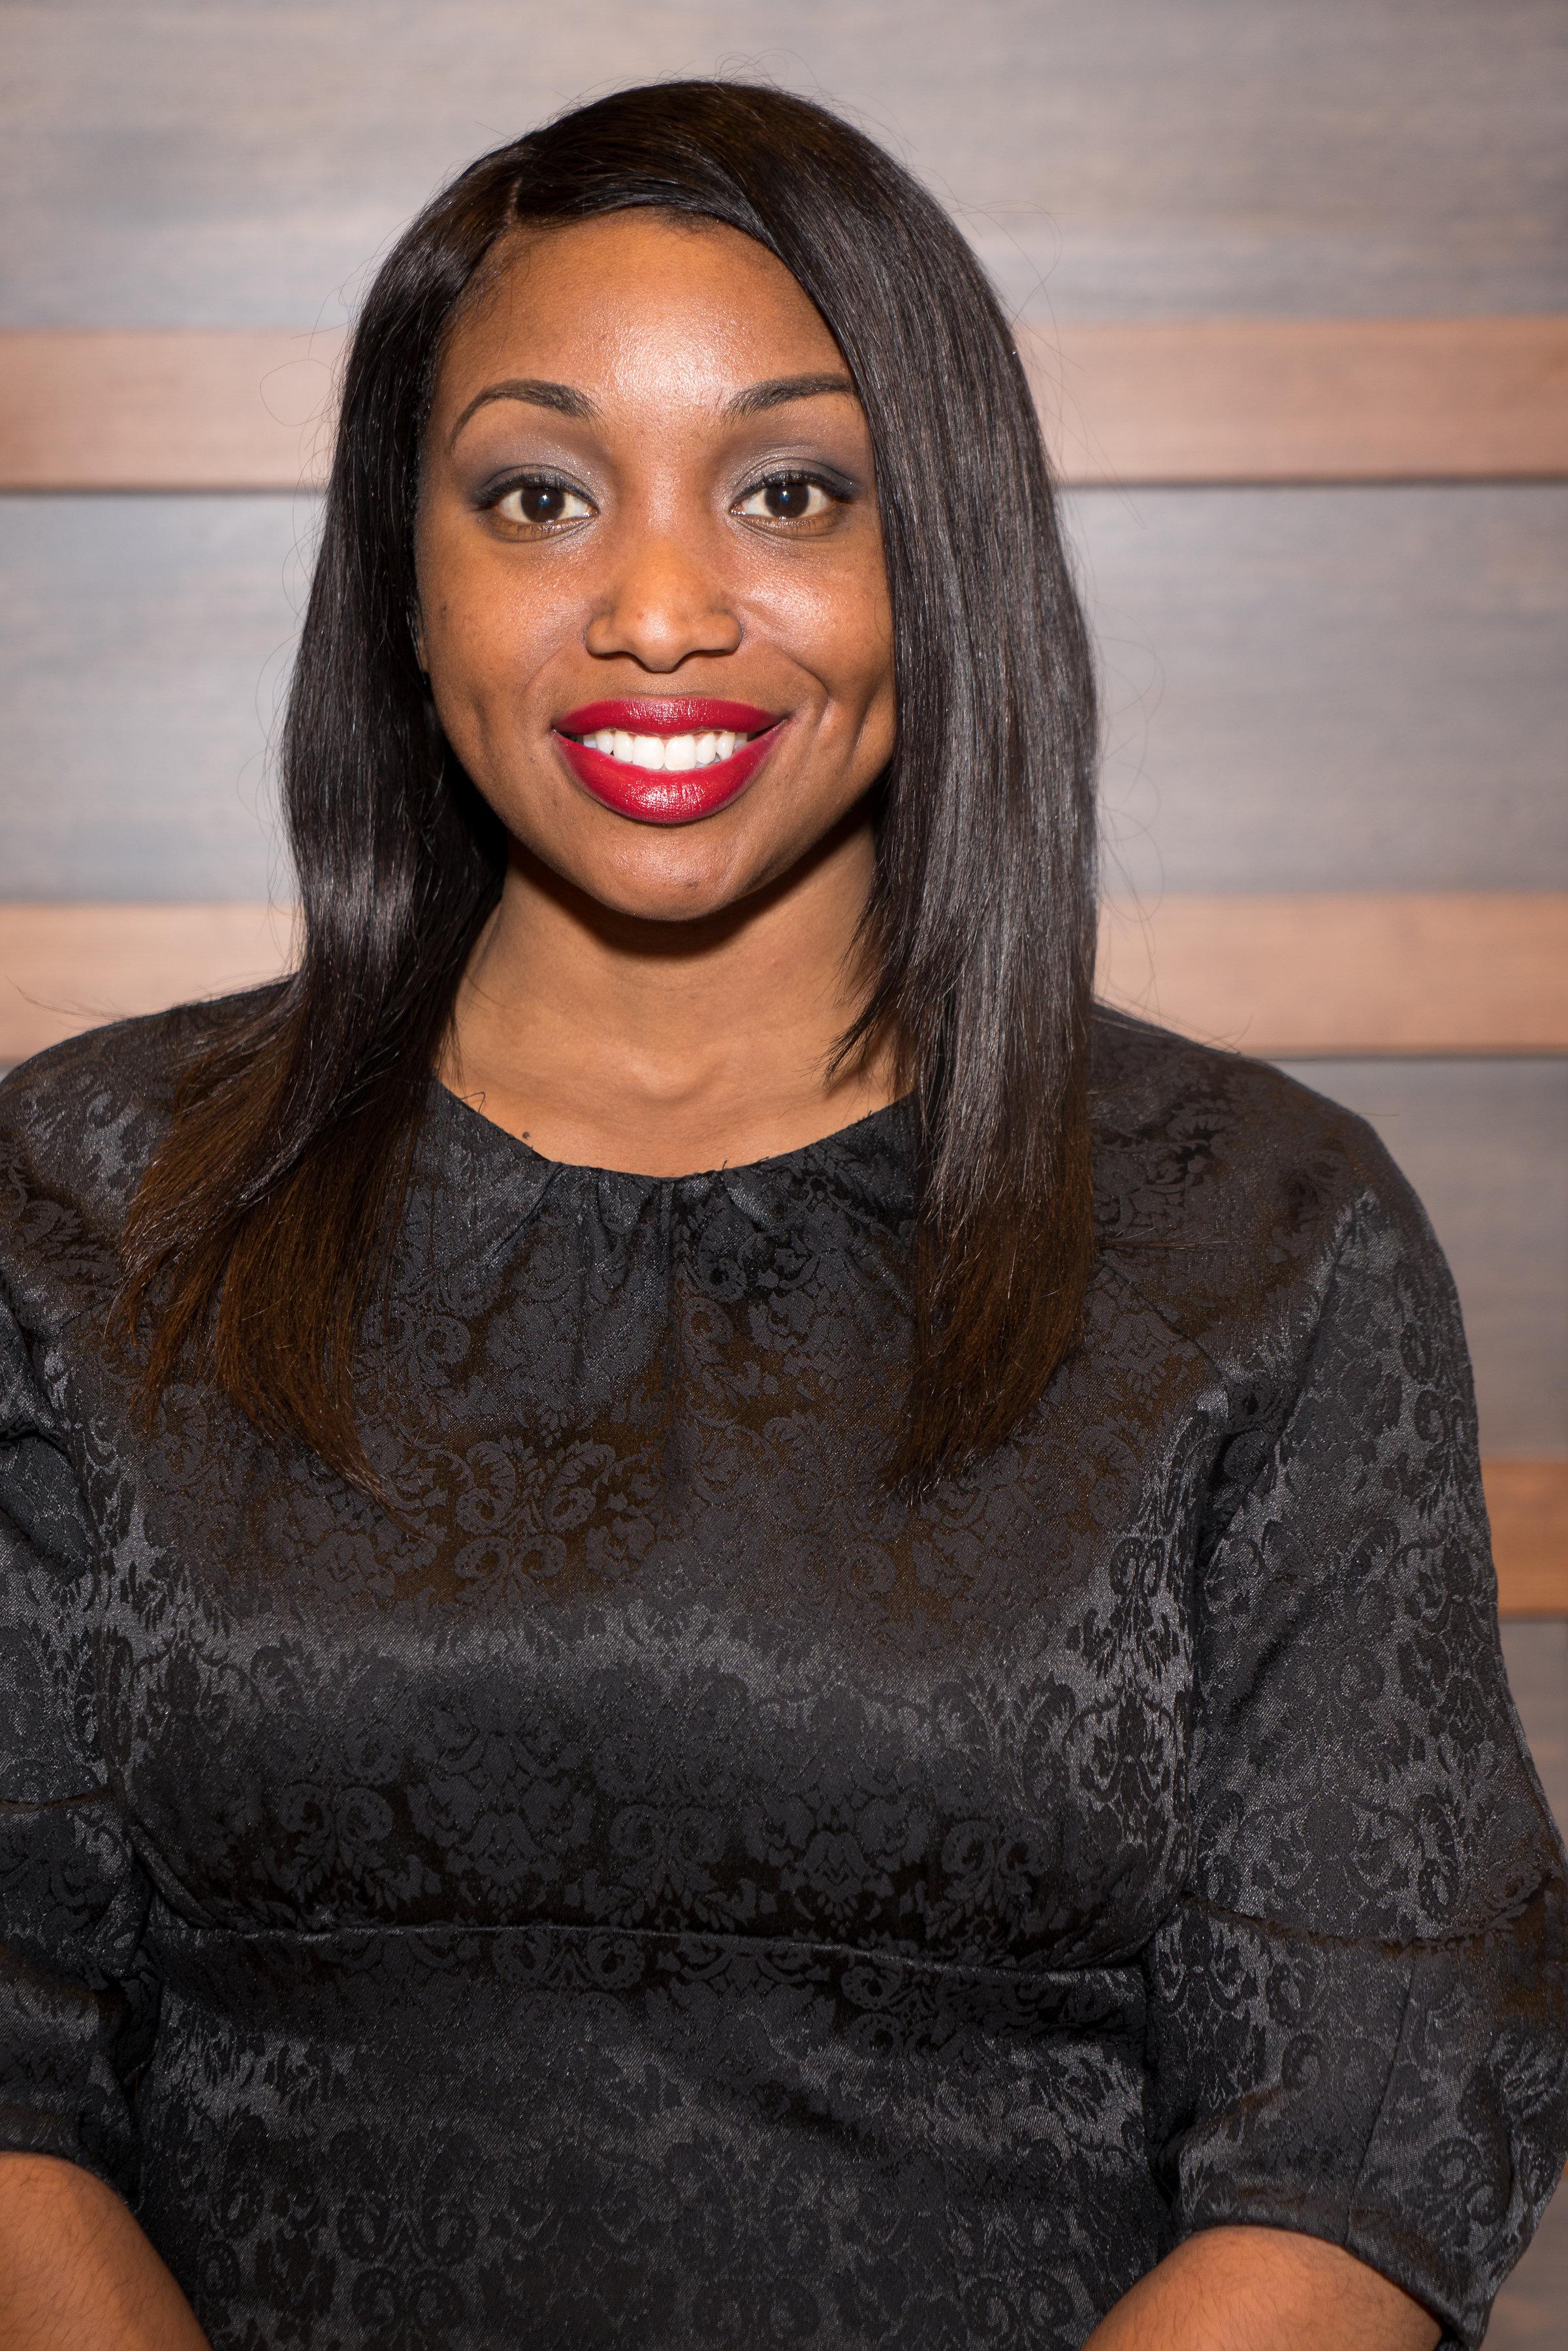 Tiffany Williams, Finalist